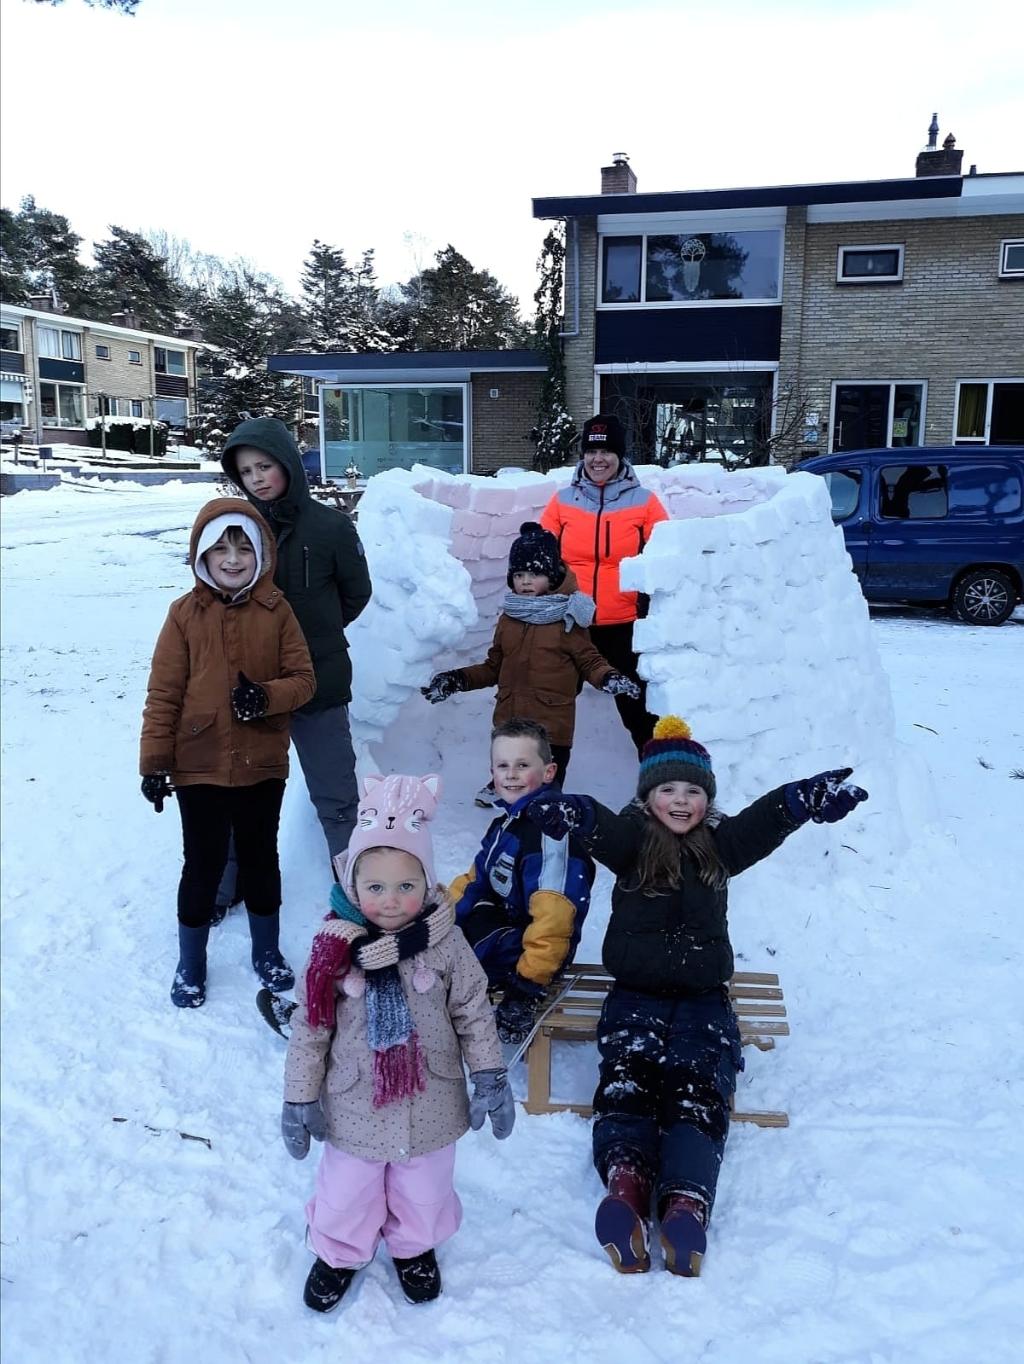 ,,Marjolein, Bedankt voor het maken van deze te gekke iglo op de Buurtscheuterlaan in Ede! Wat ben je altijd leuk met de kids bezig en wat een feest was het met al die sneeuw. Liefs van alle kinderen uit 't hofje.'' BDU Archief © BDU Media